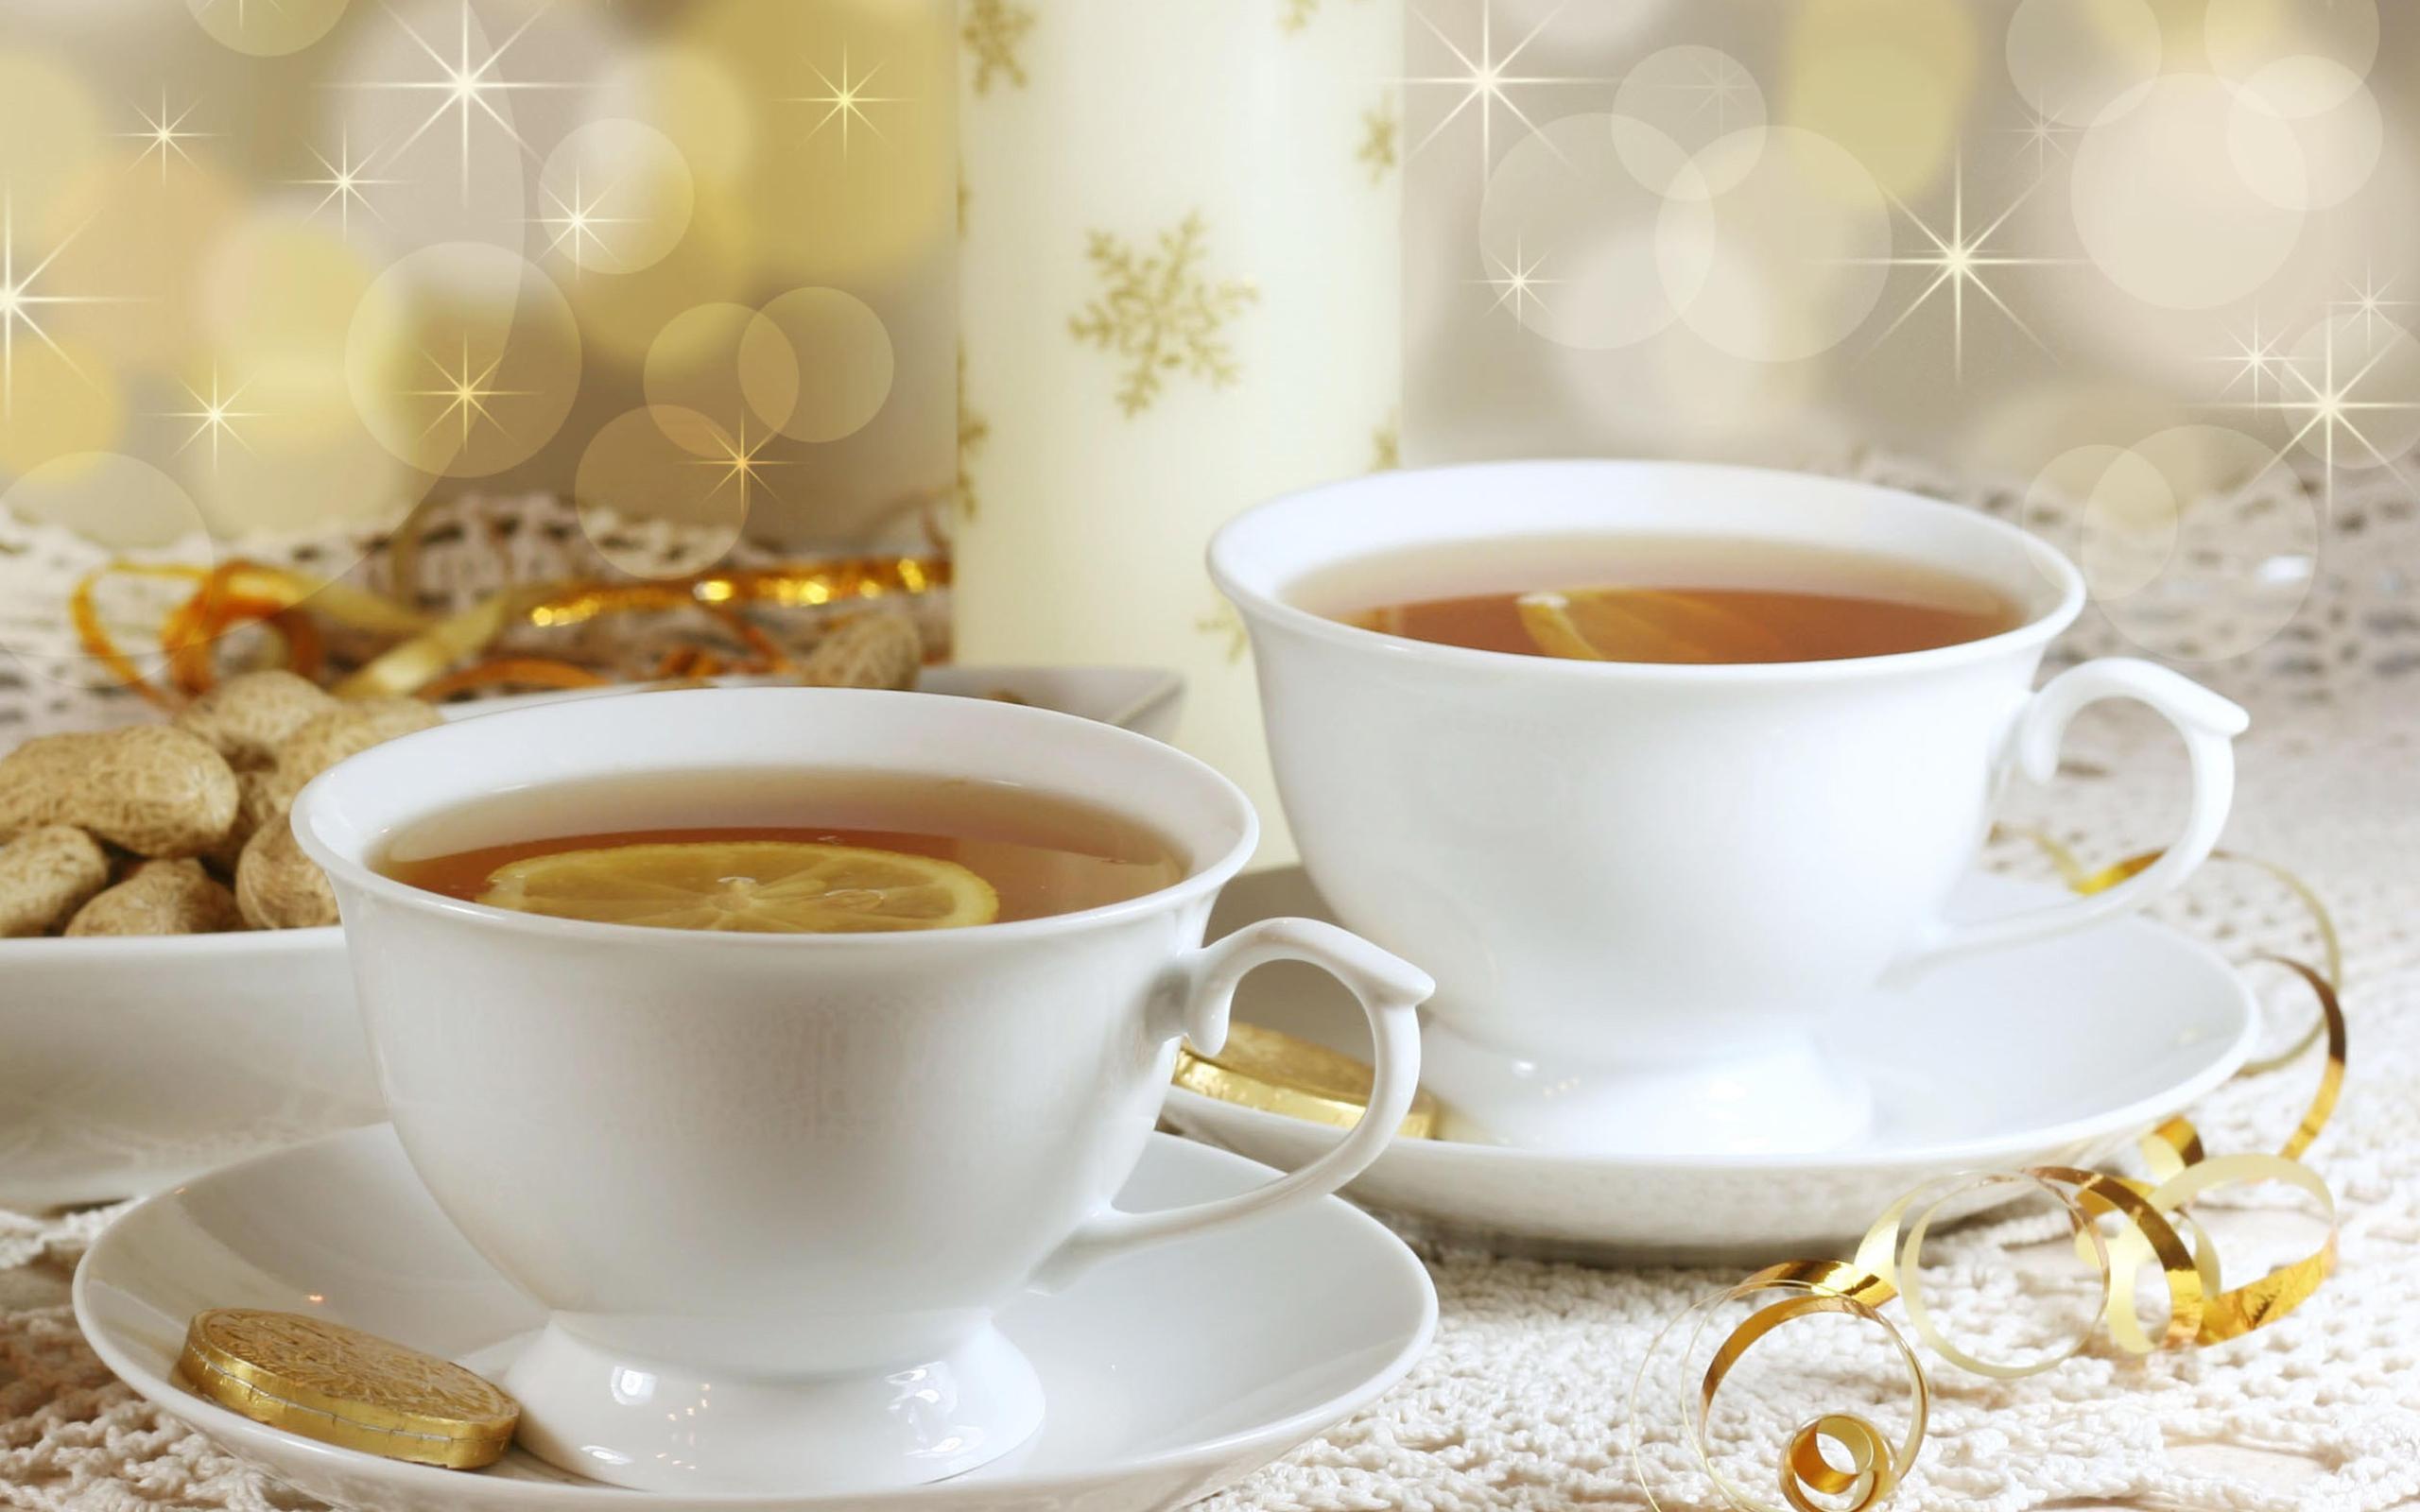 Поварами, улыбнись новому дню картинки с надписями с чашкой горячего чая